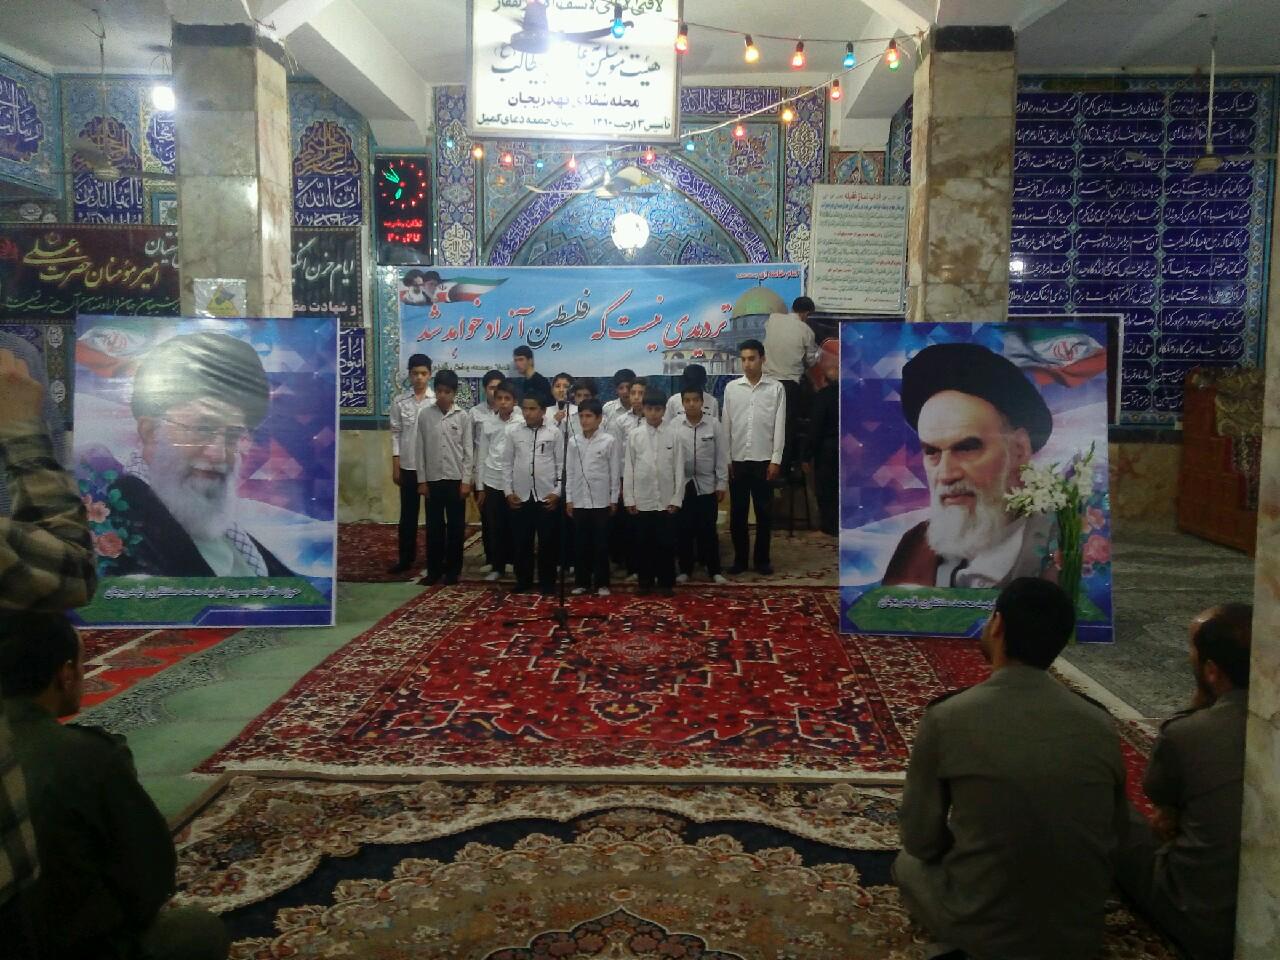 مراسم ارتحال حضرت امام در مسجد بزرگ